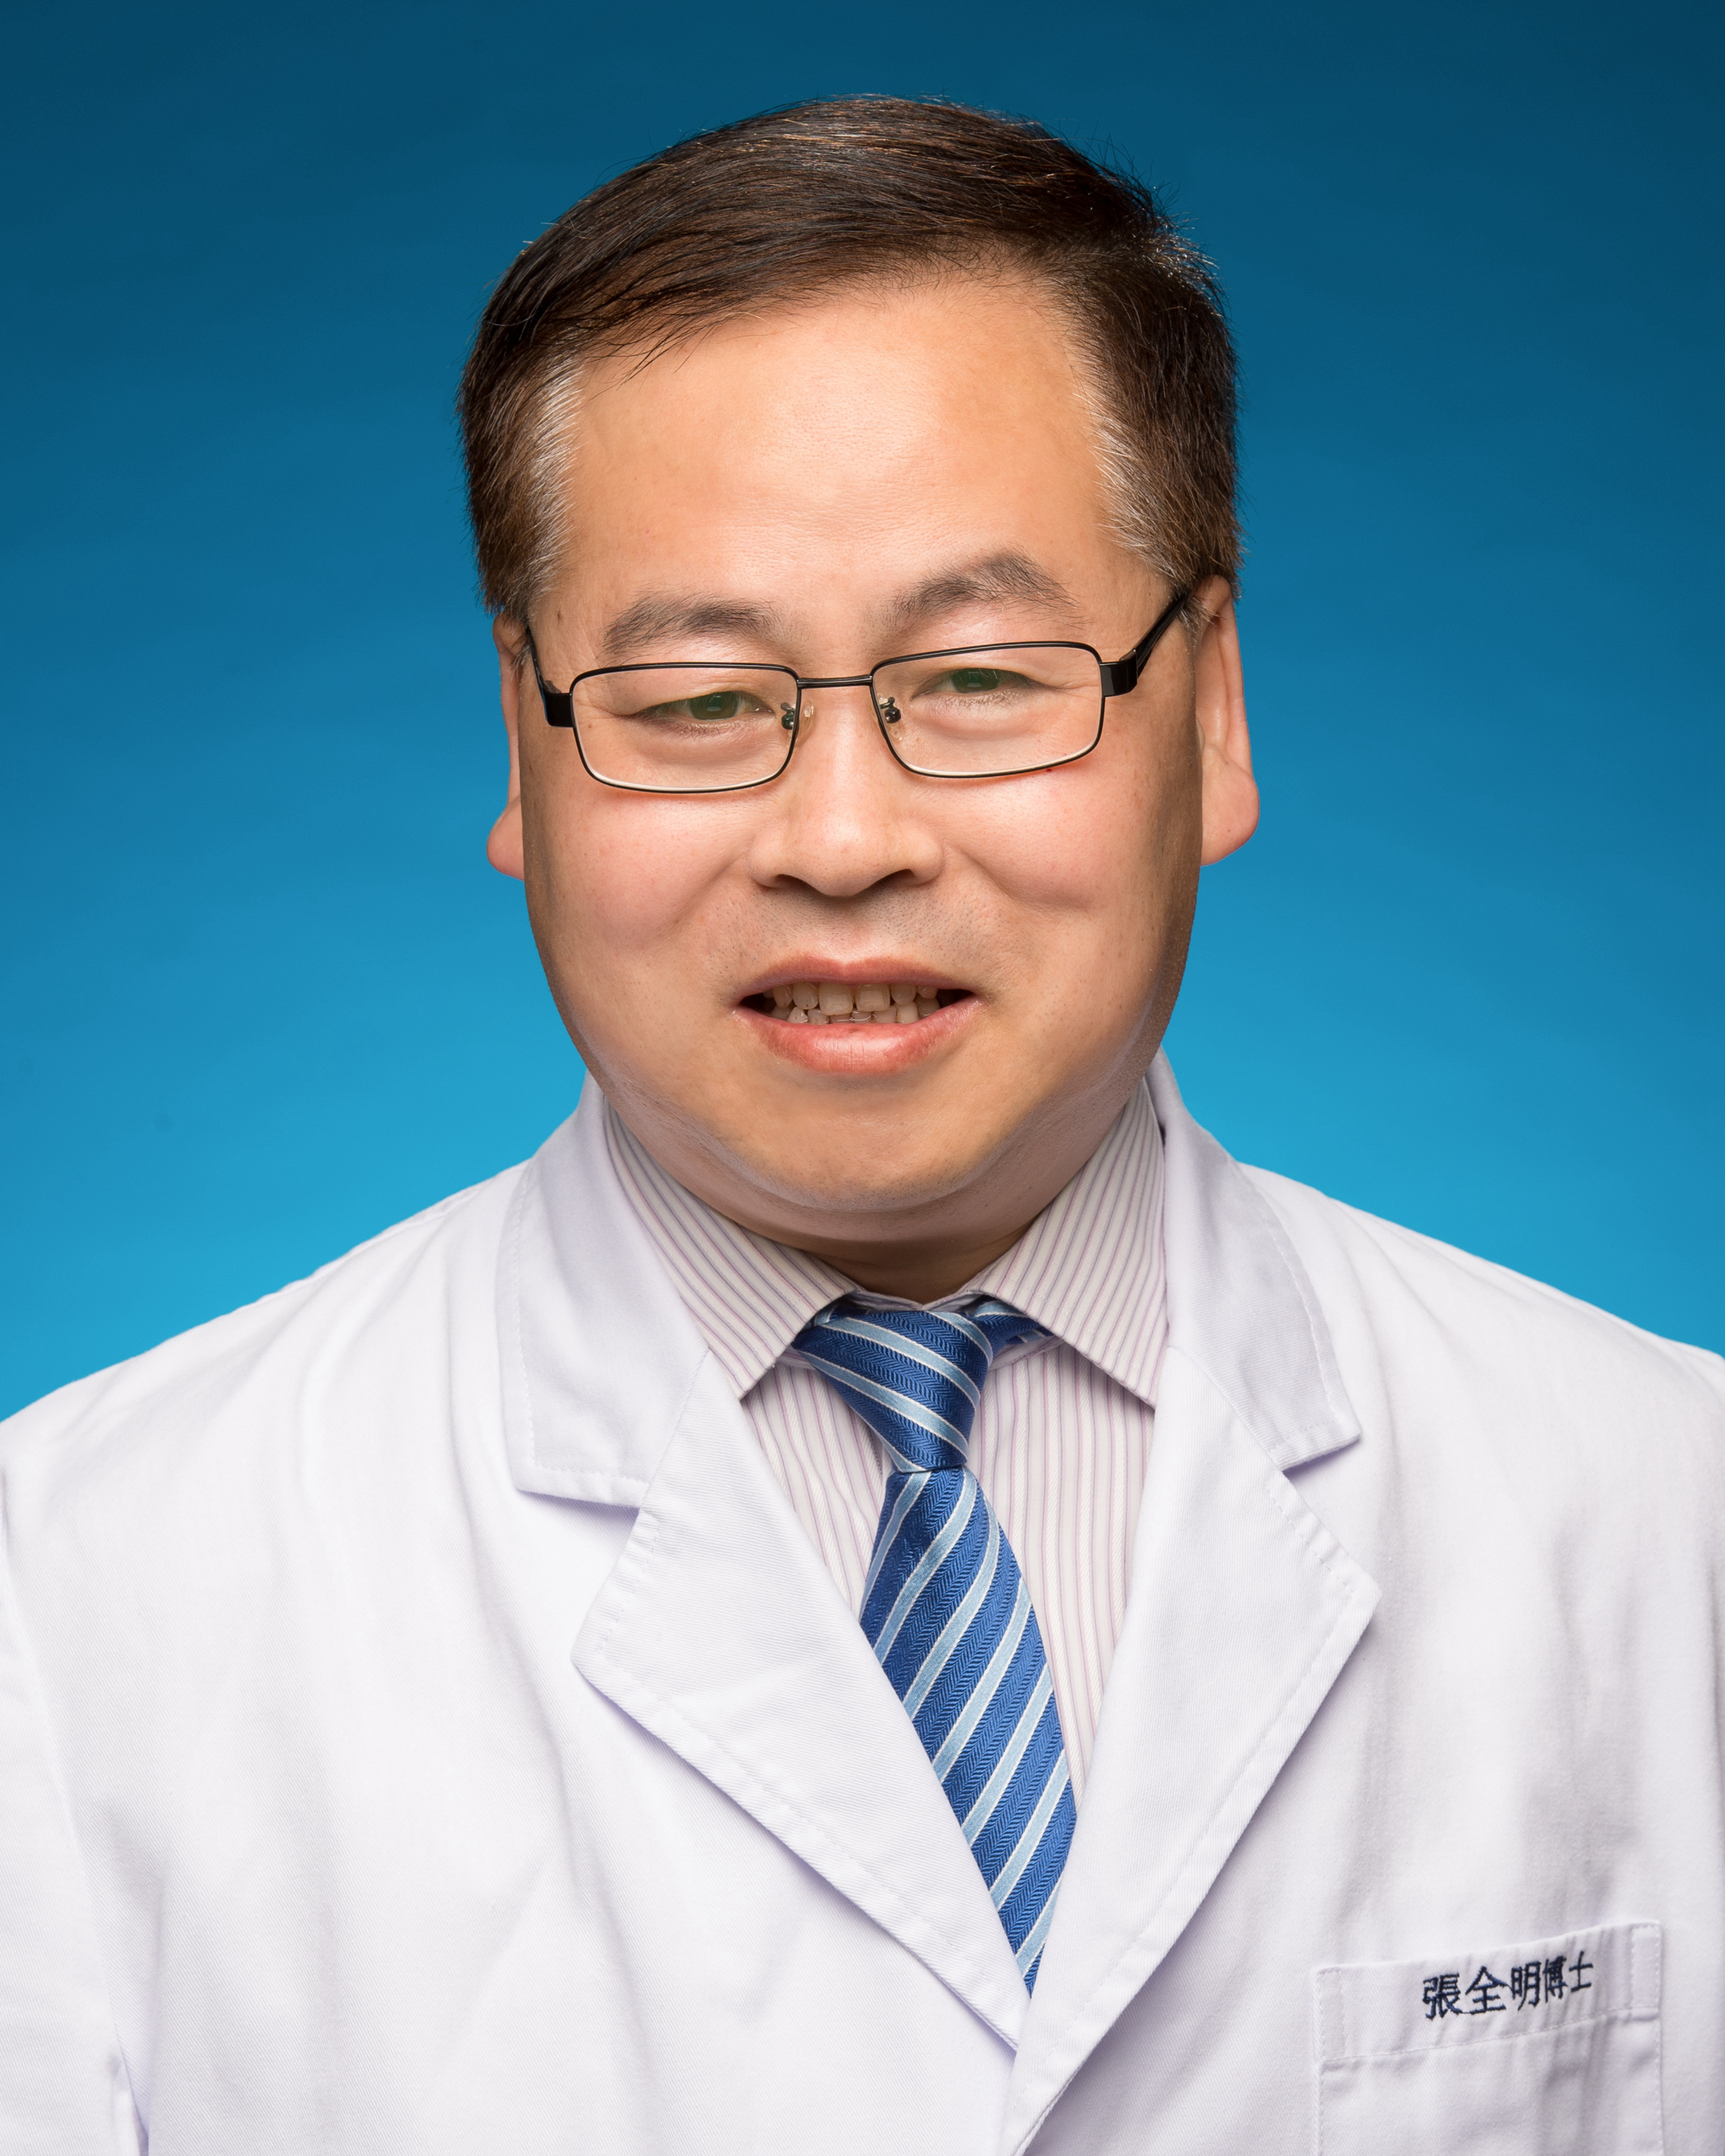 Zhang Quanming